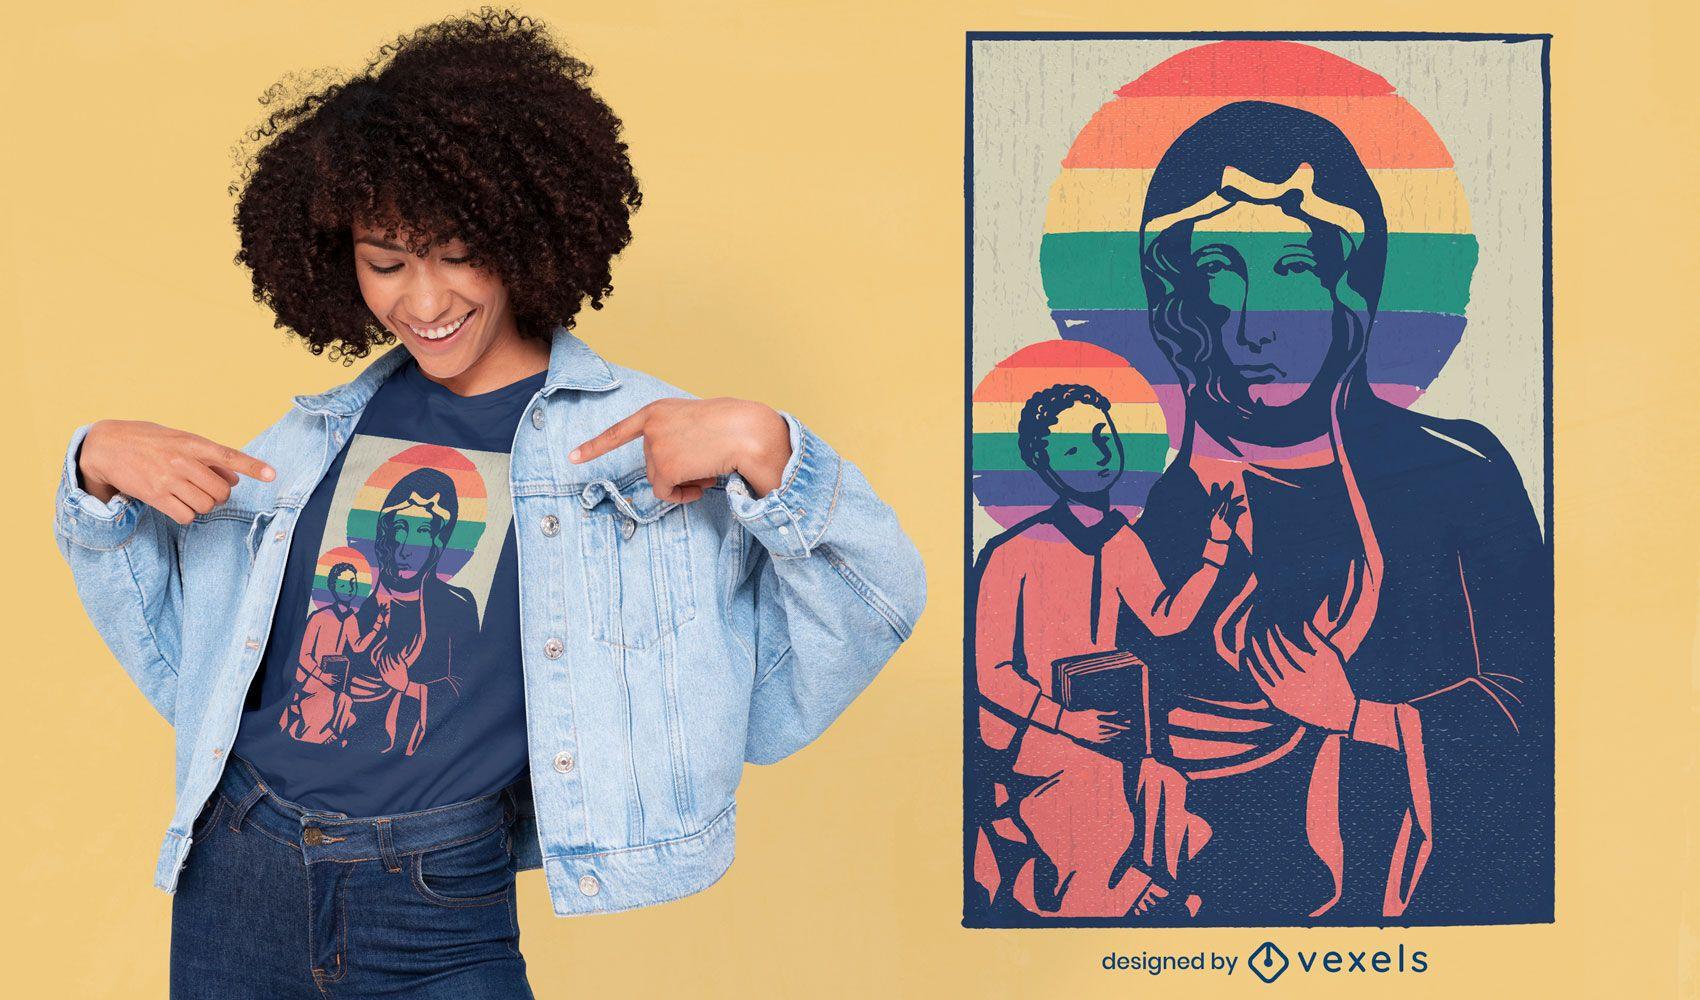 Diseño de camiseta virgen maría y jesús.